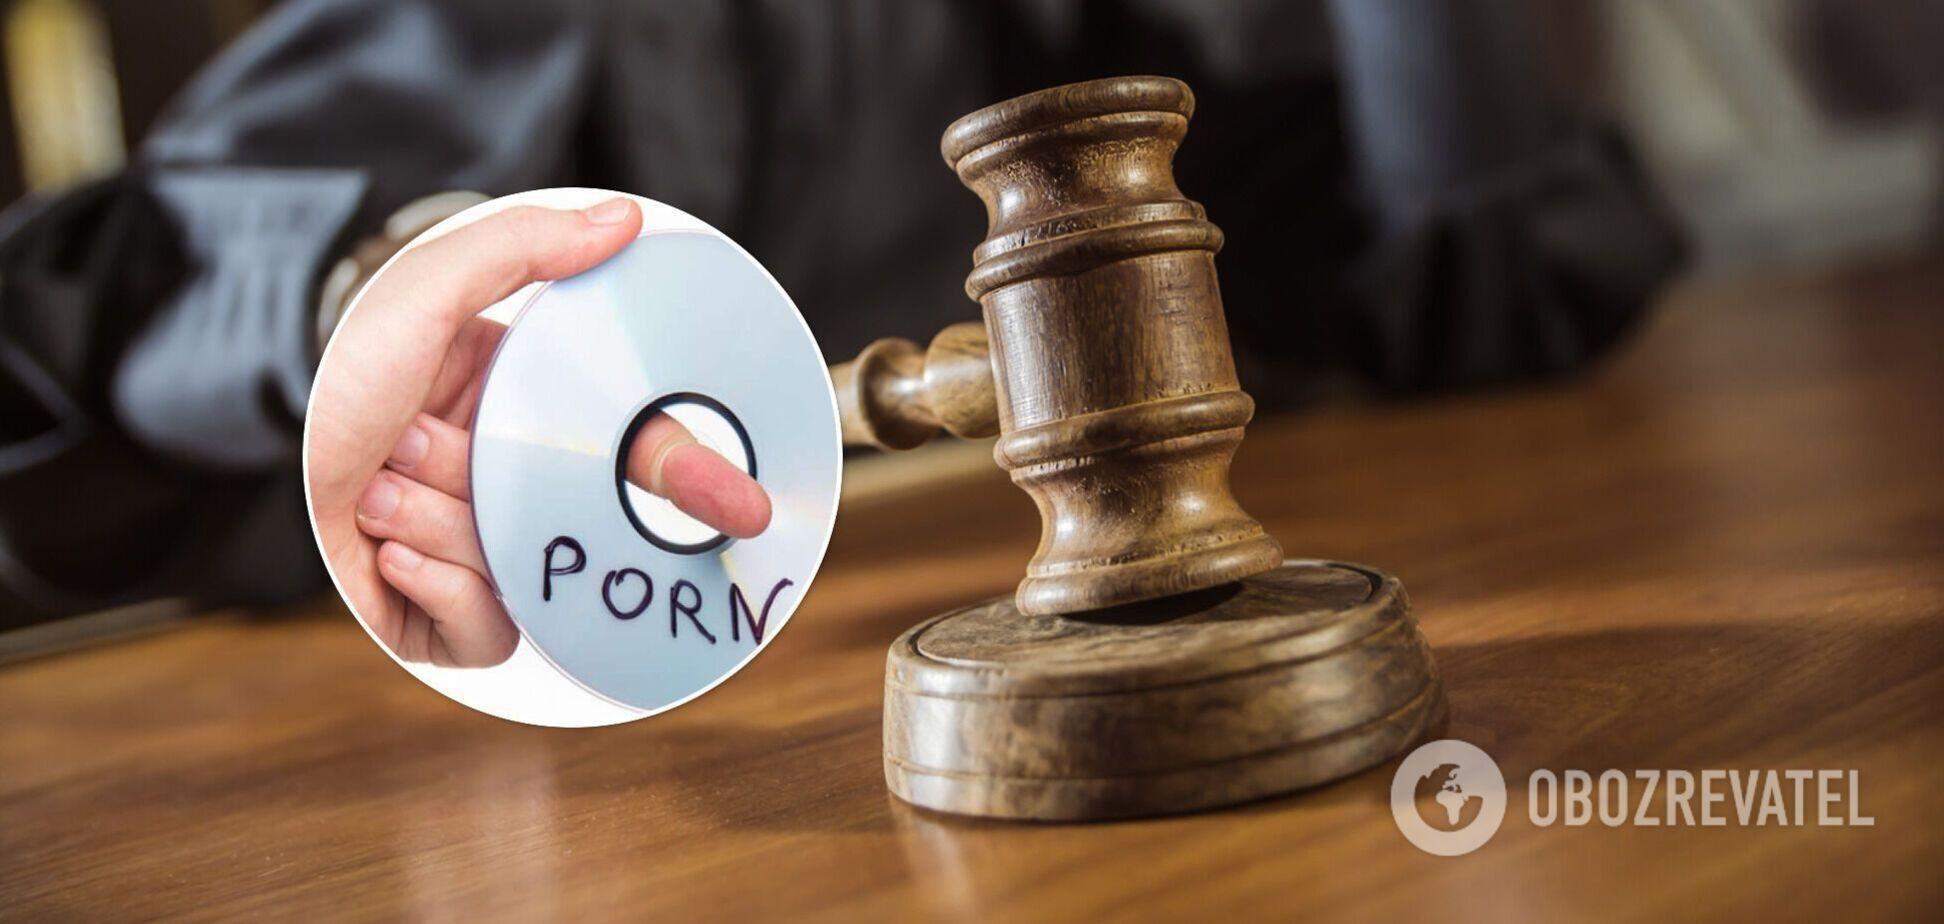 Продав відео з 'полуничкою': на Тернопільщині засудили чоловіка за розповсюдження порноматеріалів